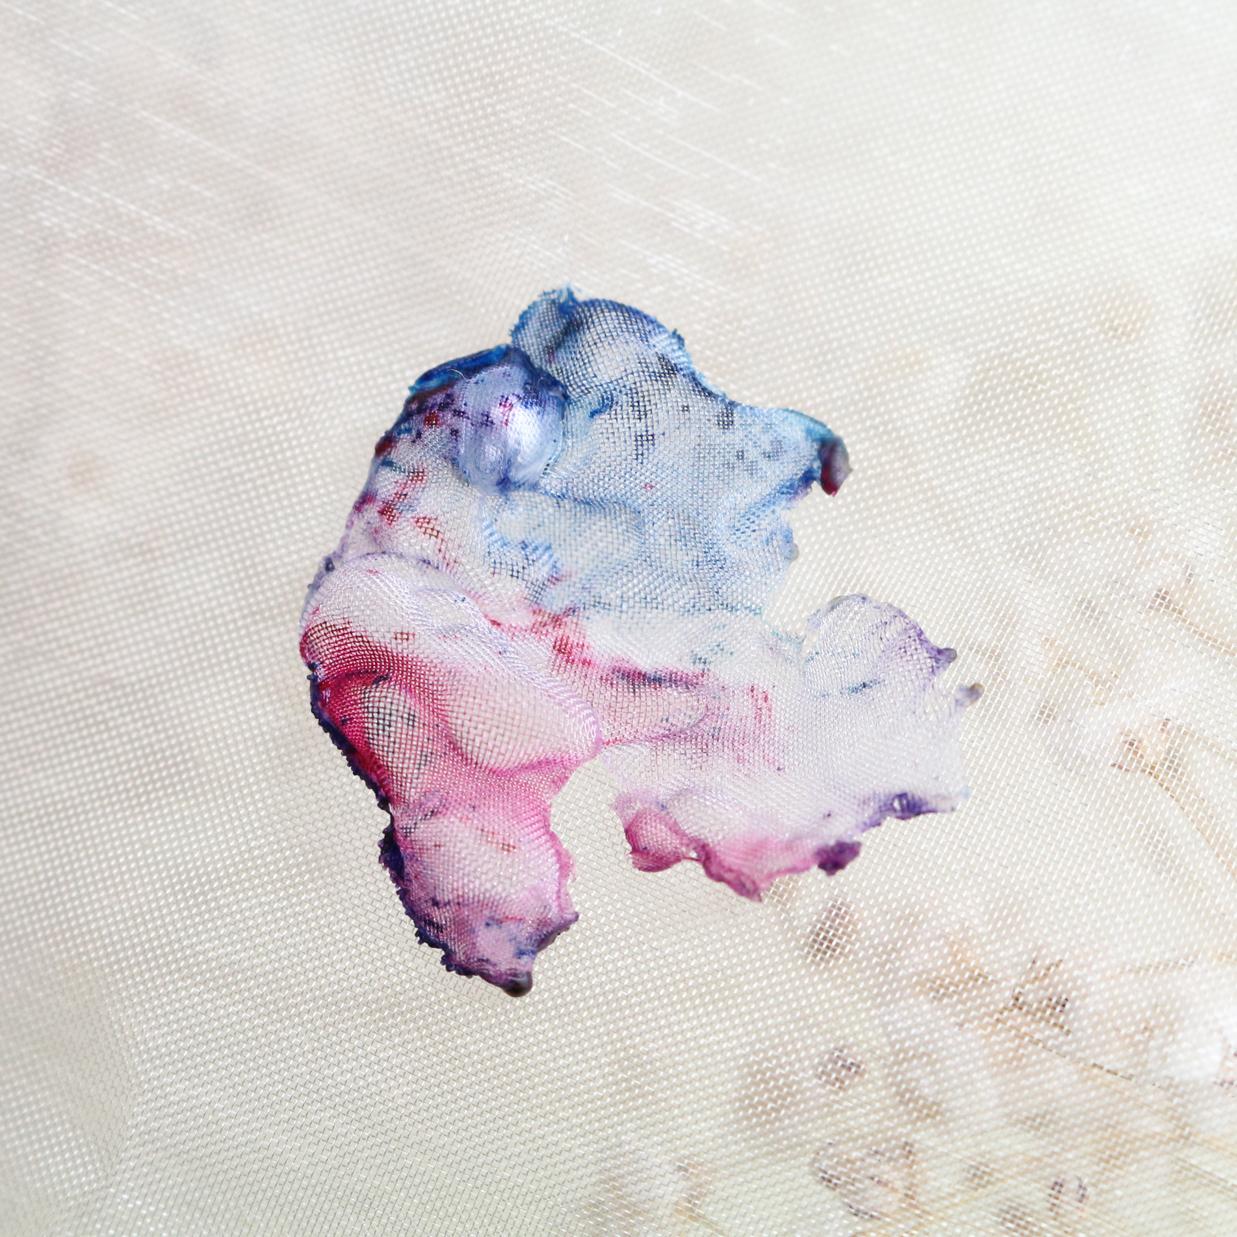 ブルーピンク|染めオーガンジーのアートピアス